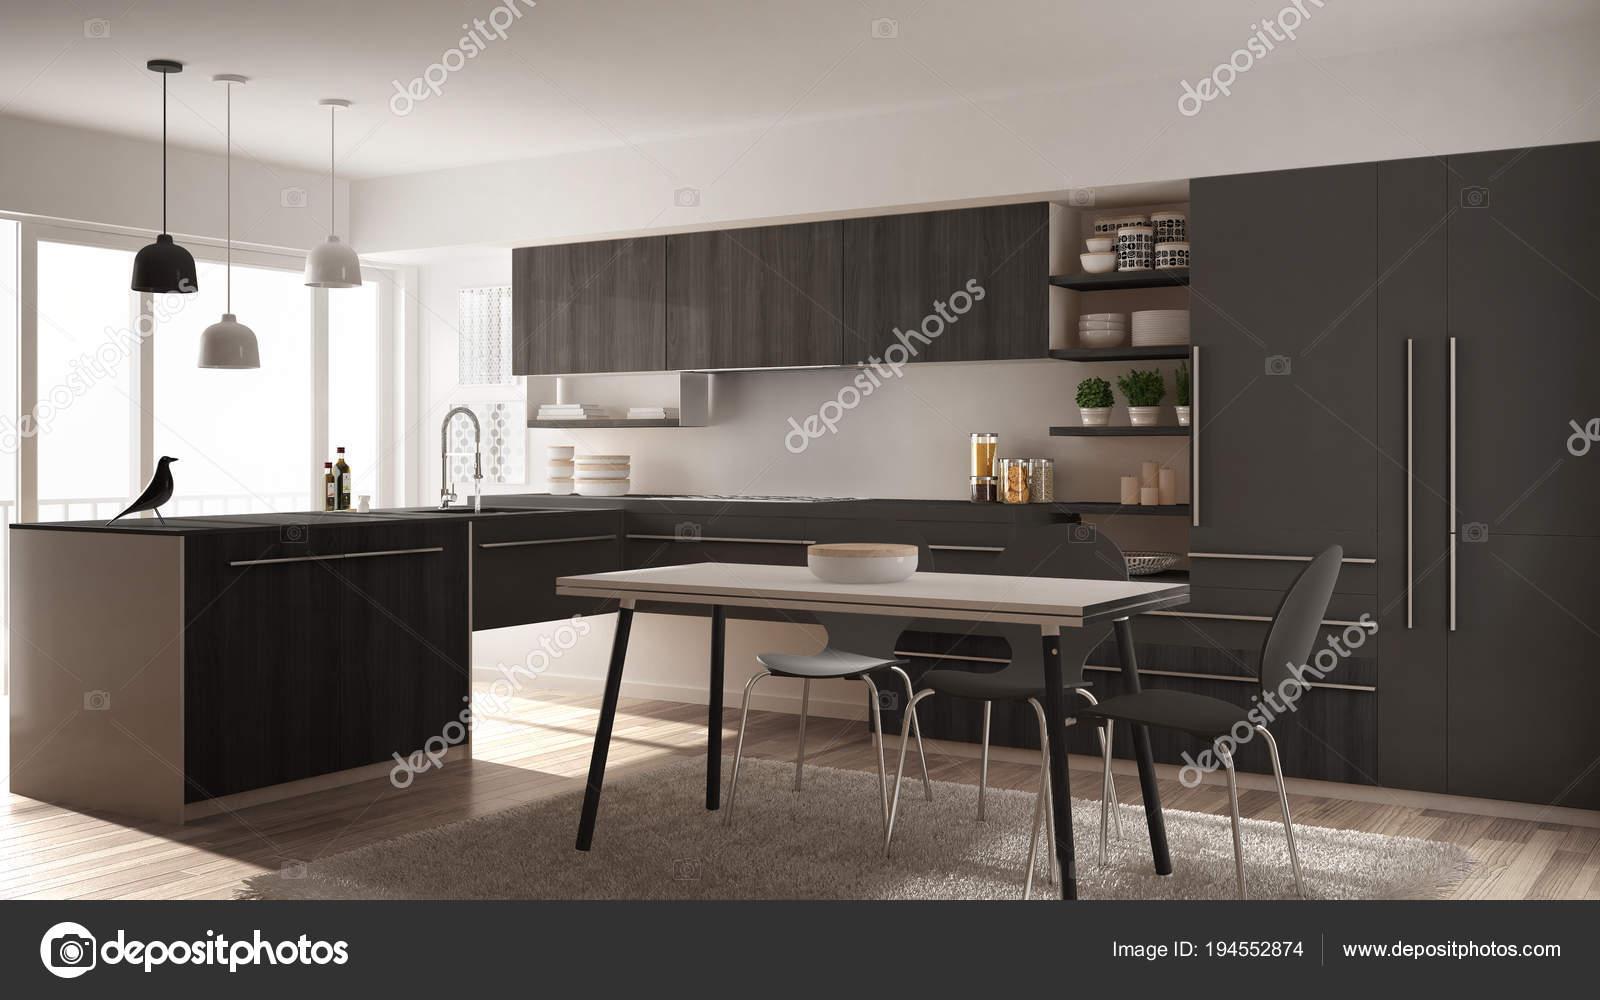 Nowoczesny Minimalistyczny Drewniane Kuchnia Z Stół Do